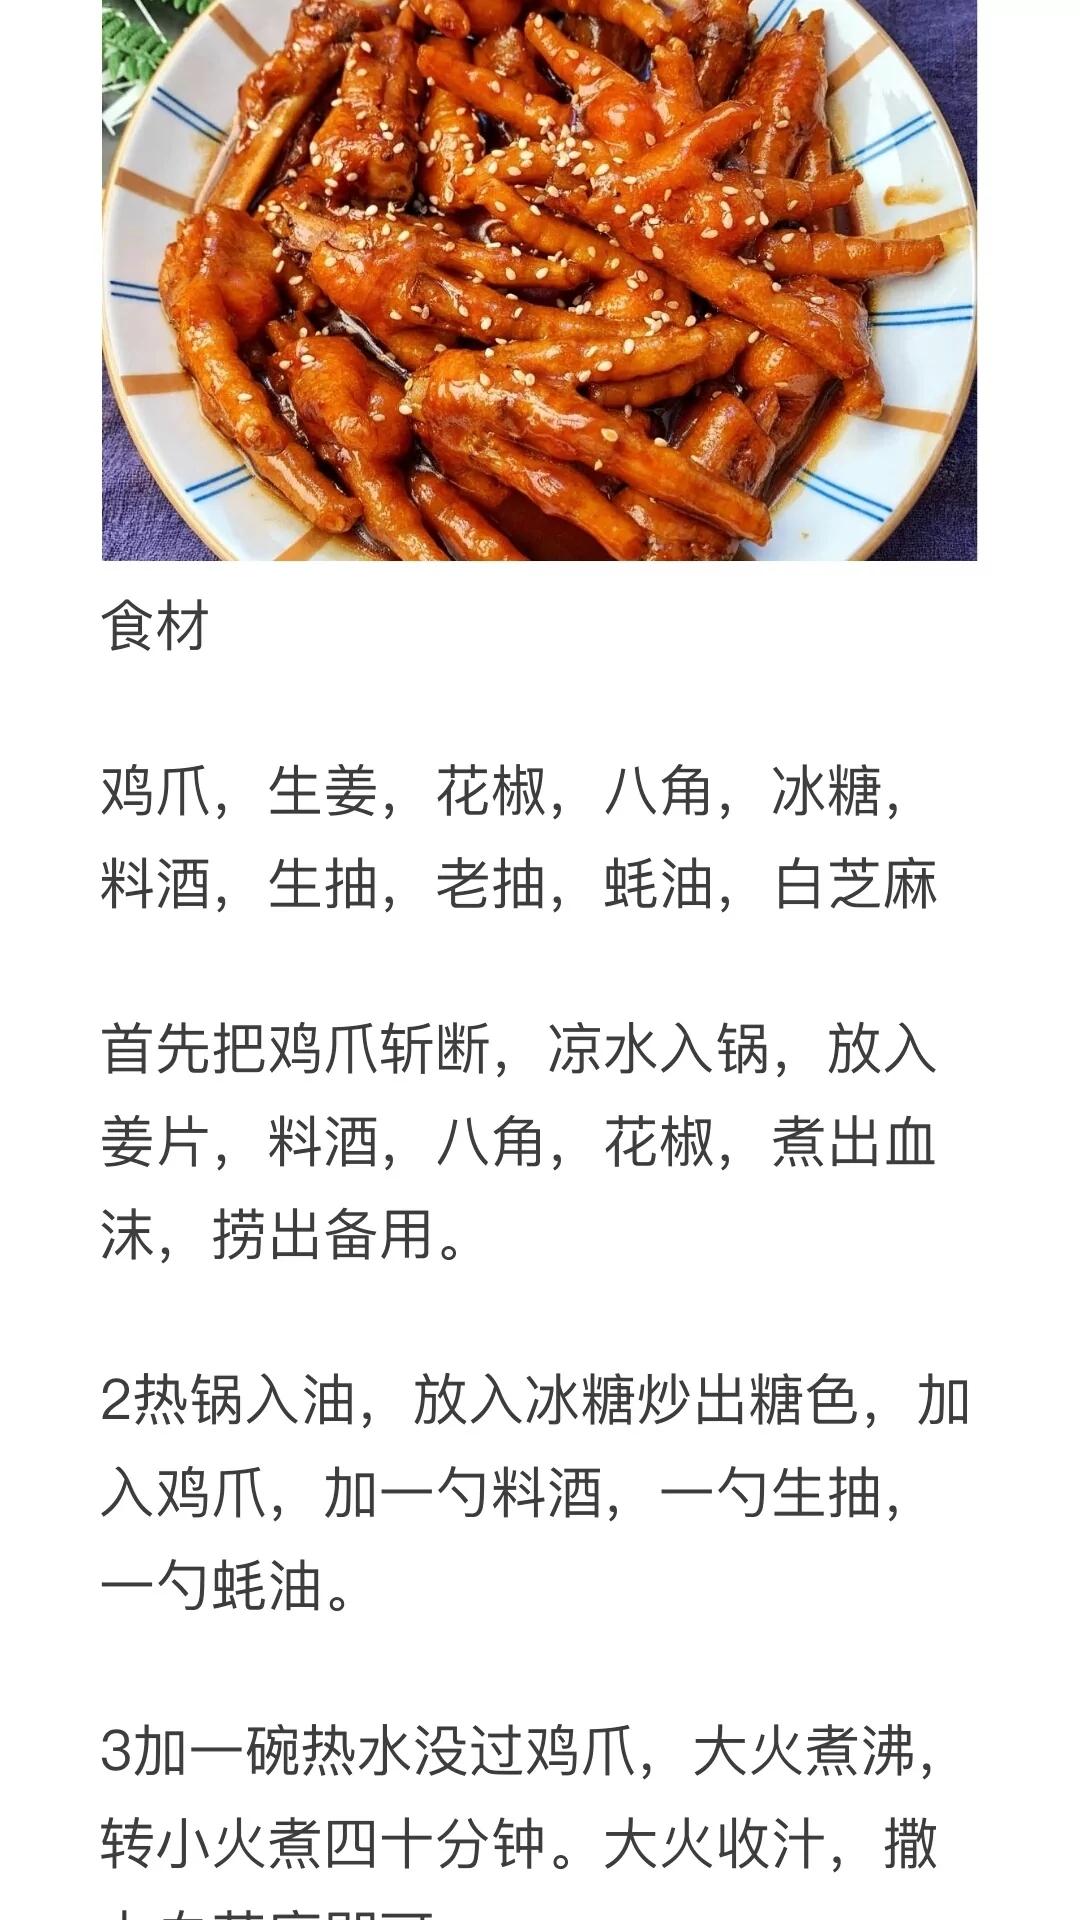 家常鸡爪的做法及配料 美食做法 第9张